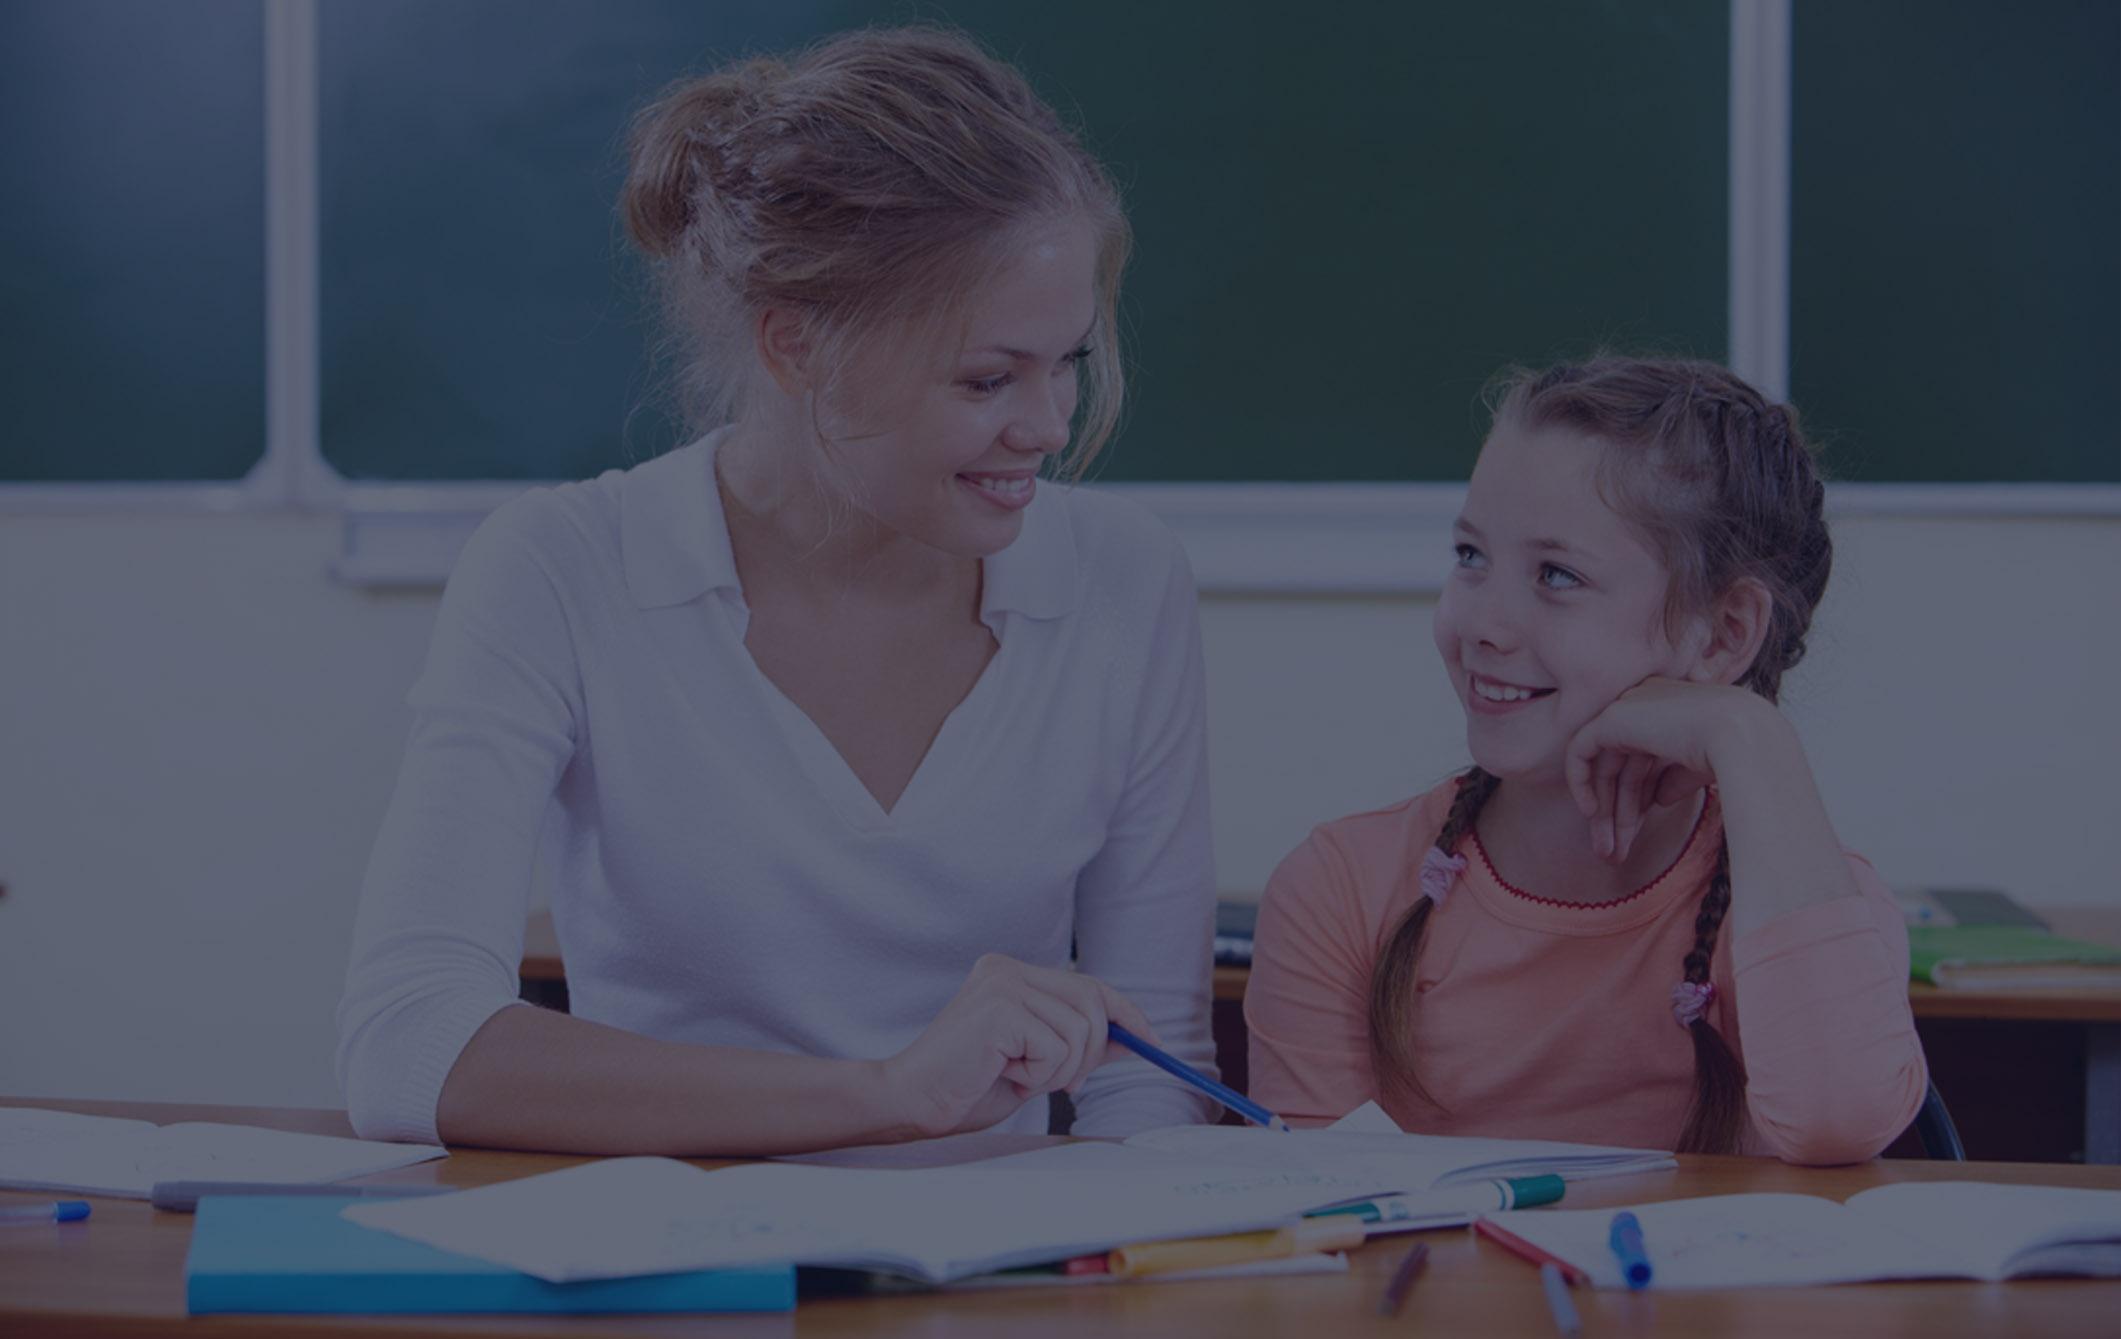 Педагогика дополнительного образования